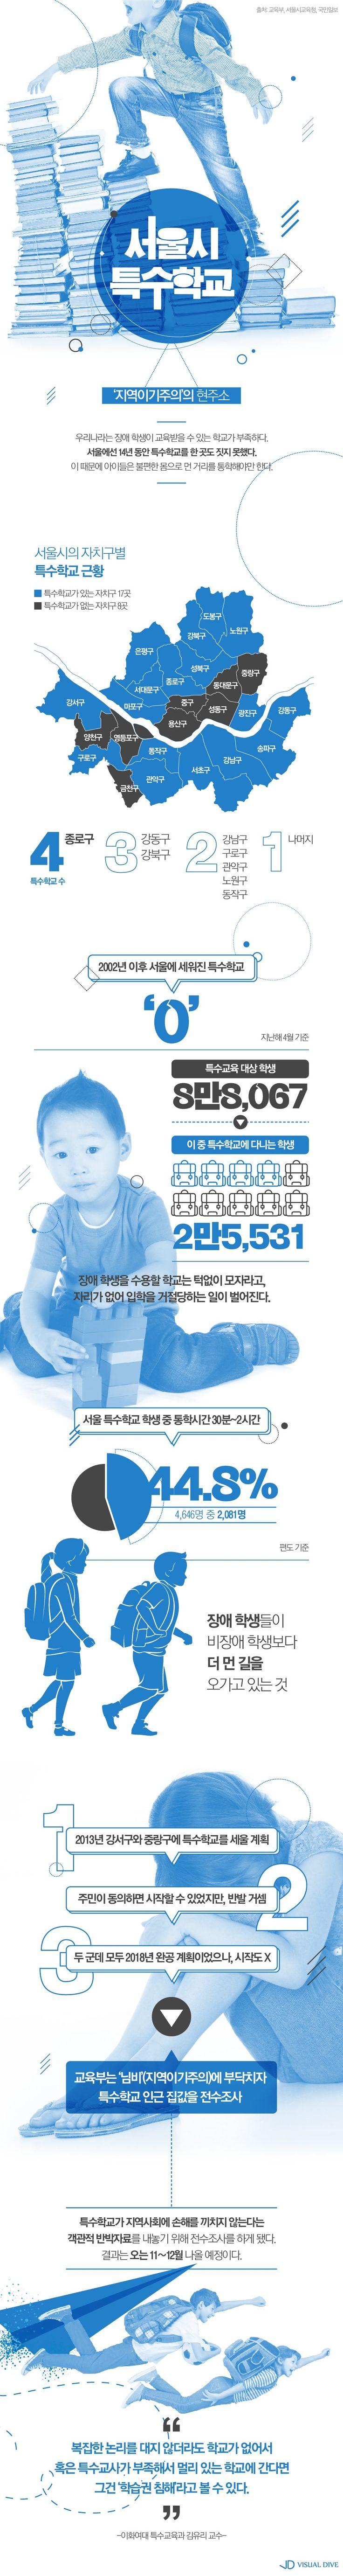 '집값 하락' 우려…서울 특수학교 14년 간 증설 못해 [인포그래픽] #school / #Infographic ⓒ 비주얼다이브 무단 복사·전재·재배포 금지